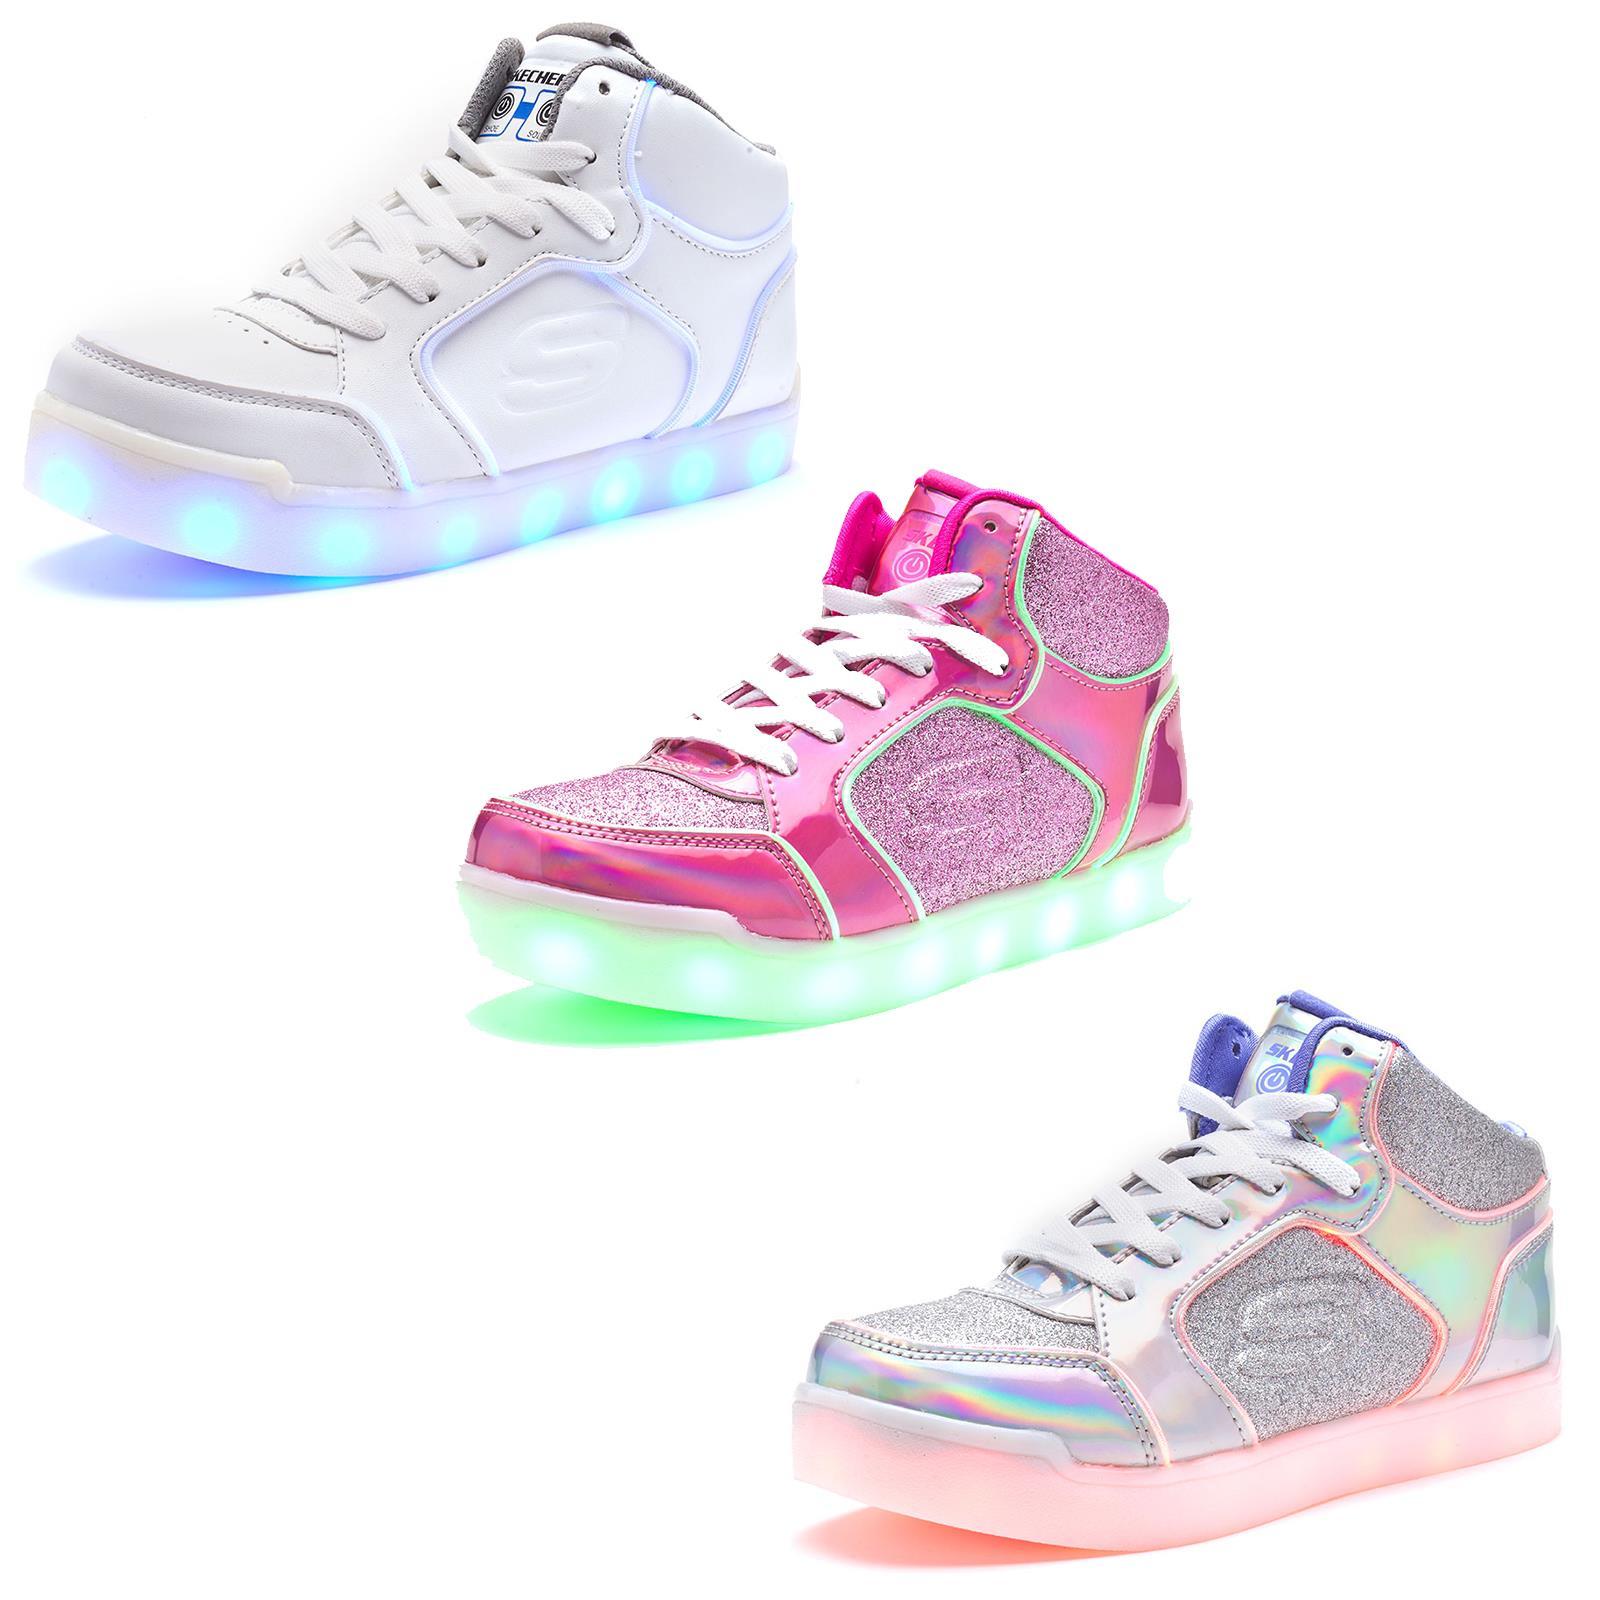 Skechers Girls' S Lights: Energy Lights Ultra Glitzy Glow Sneakers, Silver 2.5L